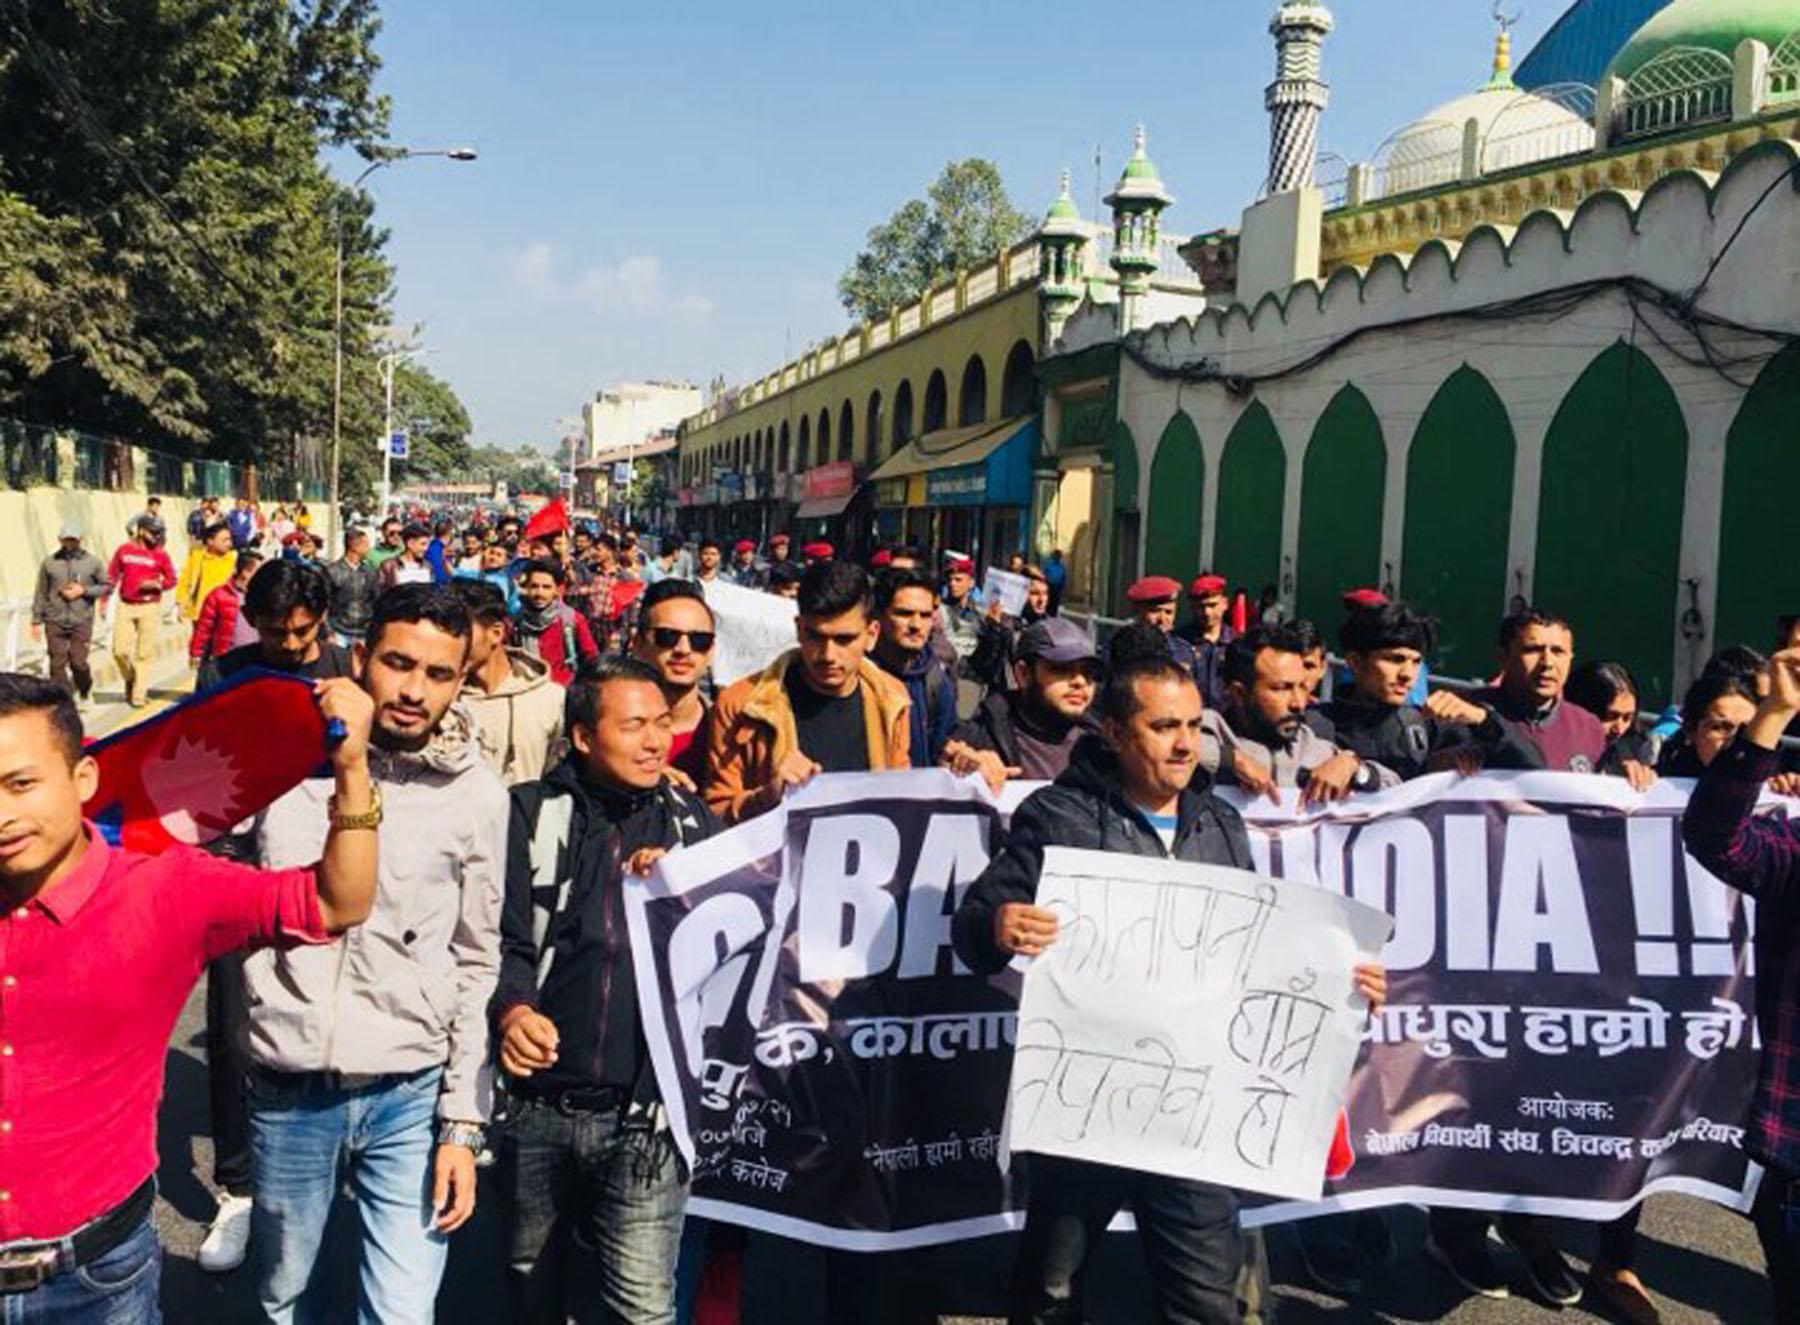 सीमा मिचिएको विरोधमा काठमाडौंमा विद्यार्थीको प्रदर्शन